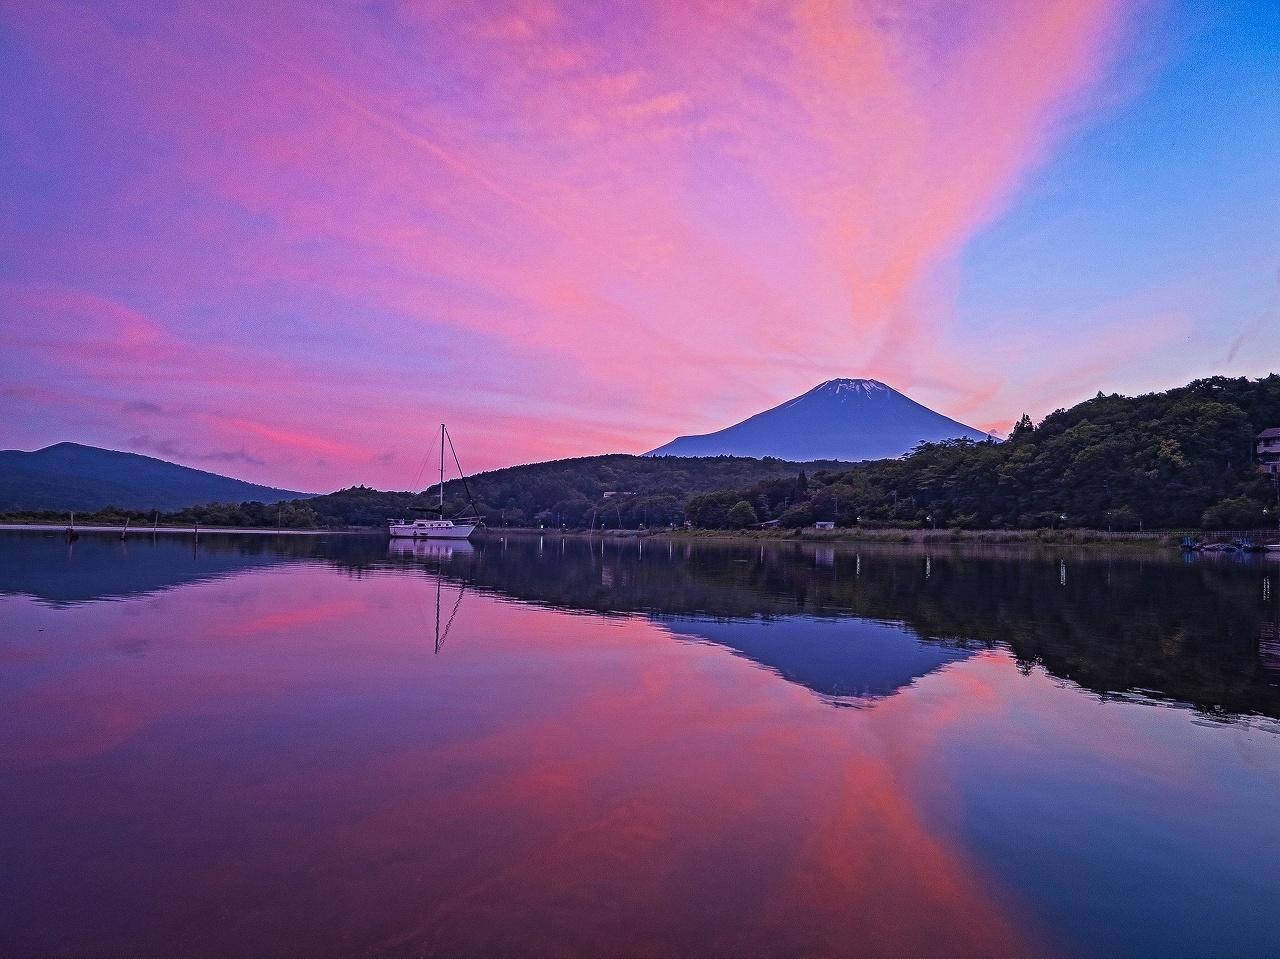 2018.6.24夕焼雲・富士山・ヨットのリフレクション(平野浜)_e0321032_15264699.jpg